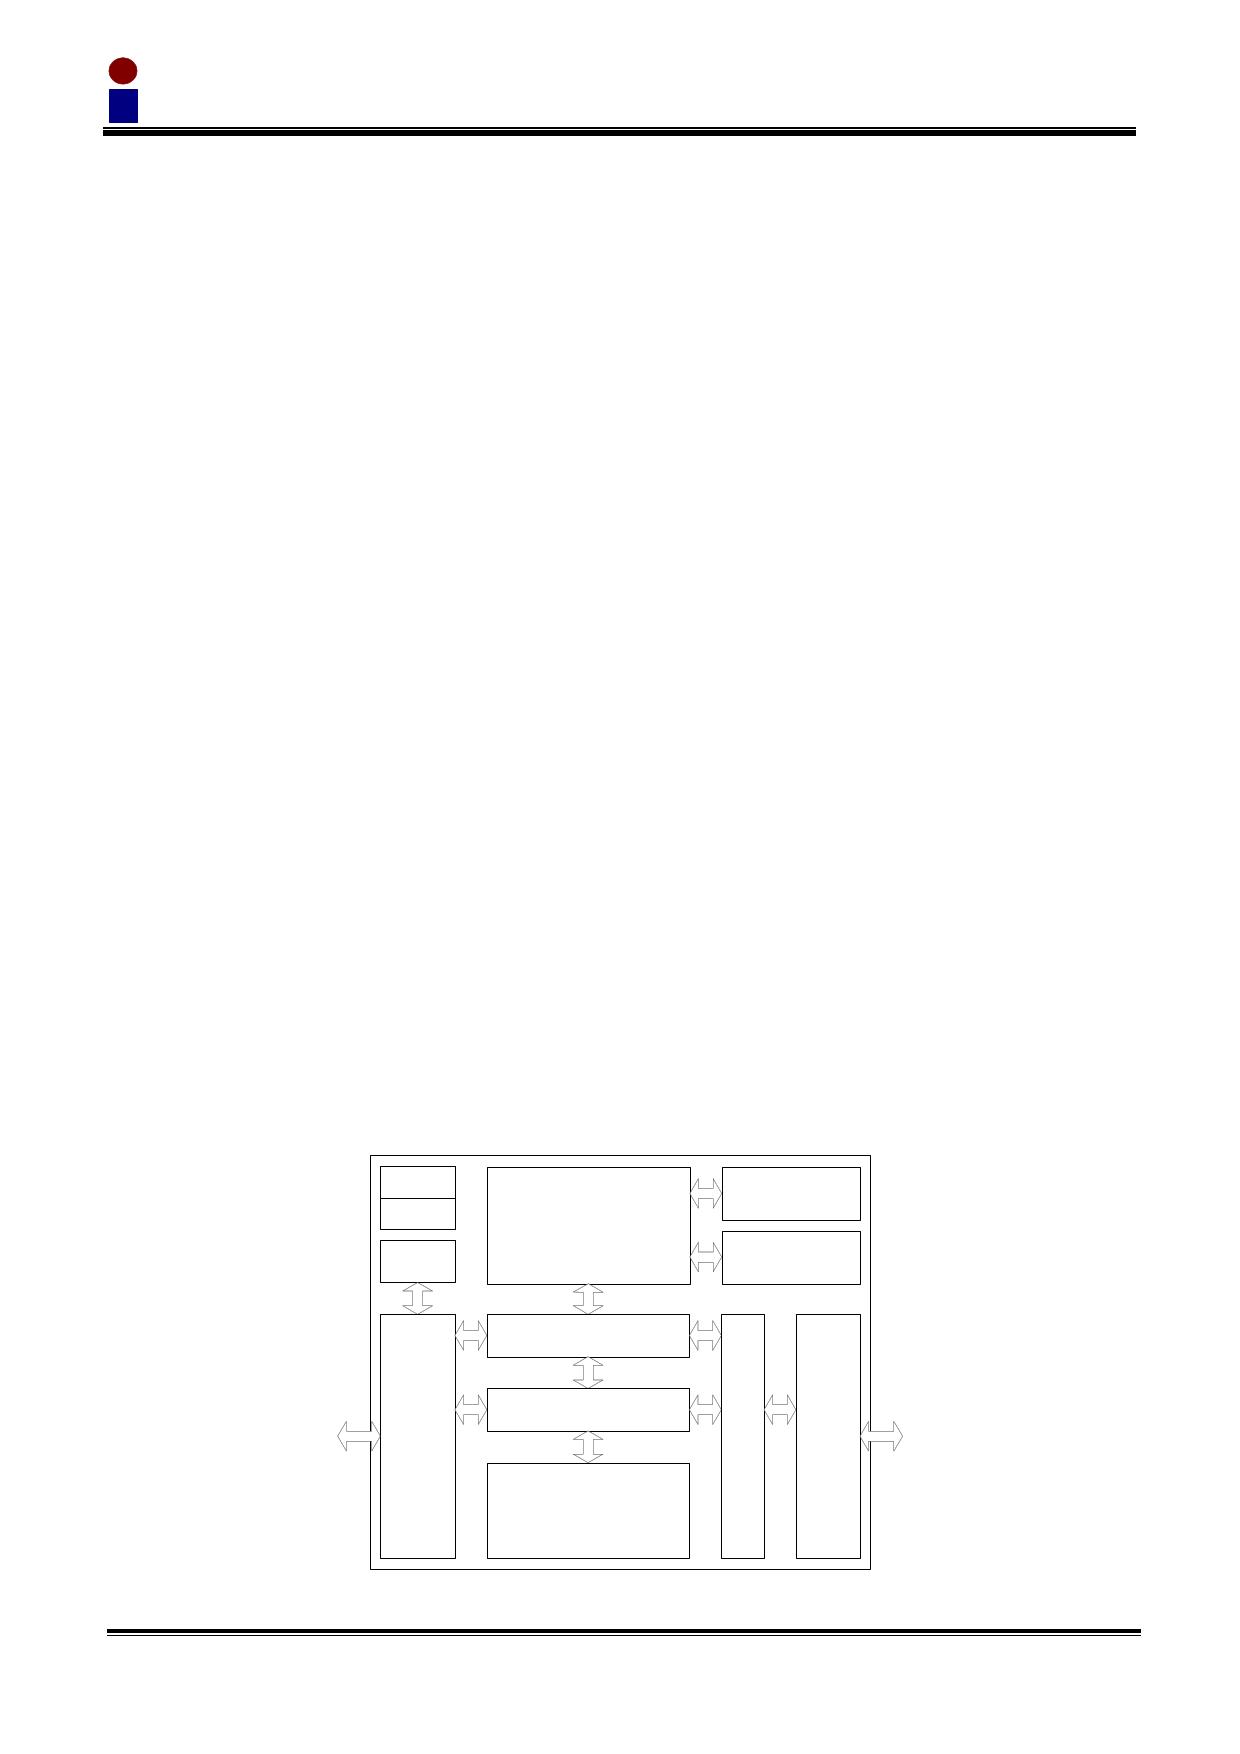 I5100 Даташит, Описание, Даташиты